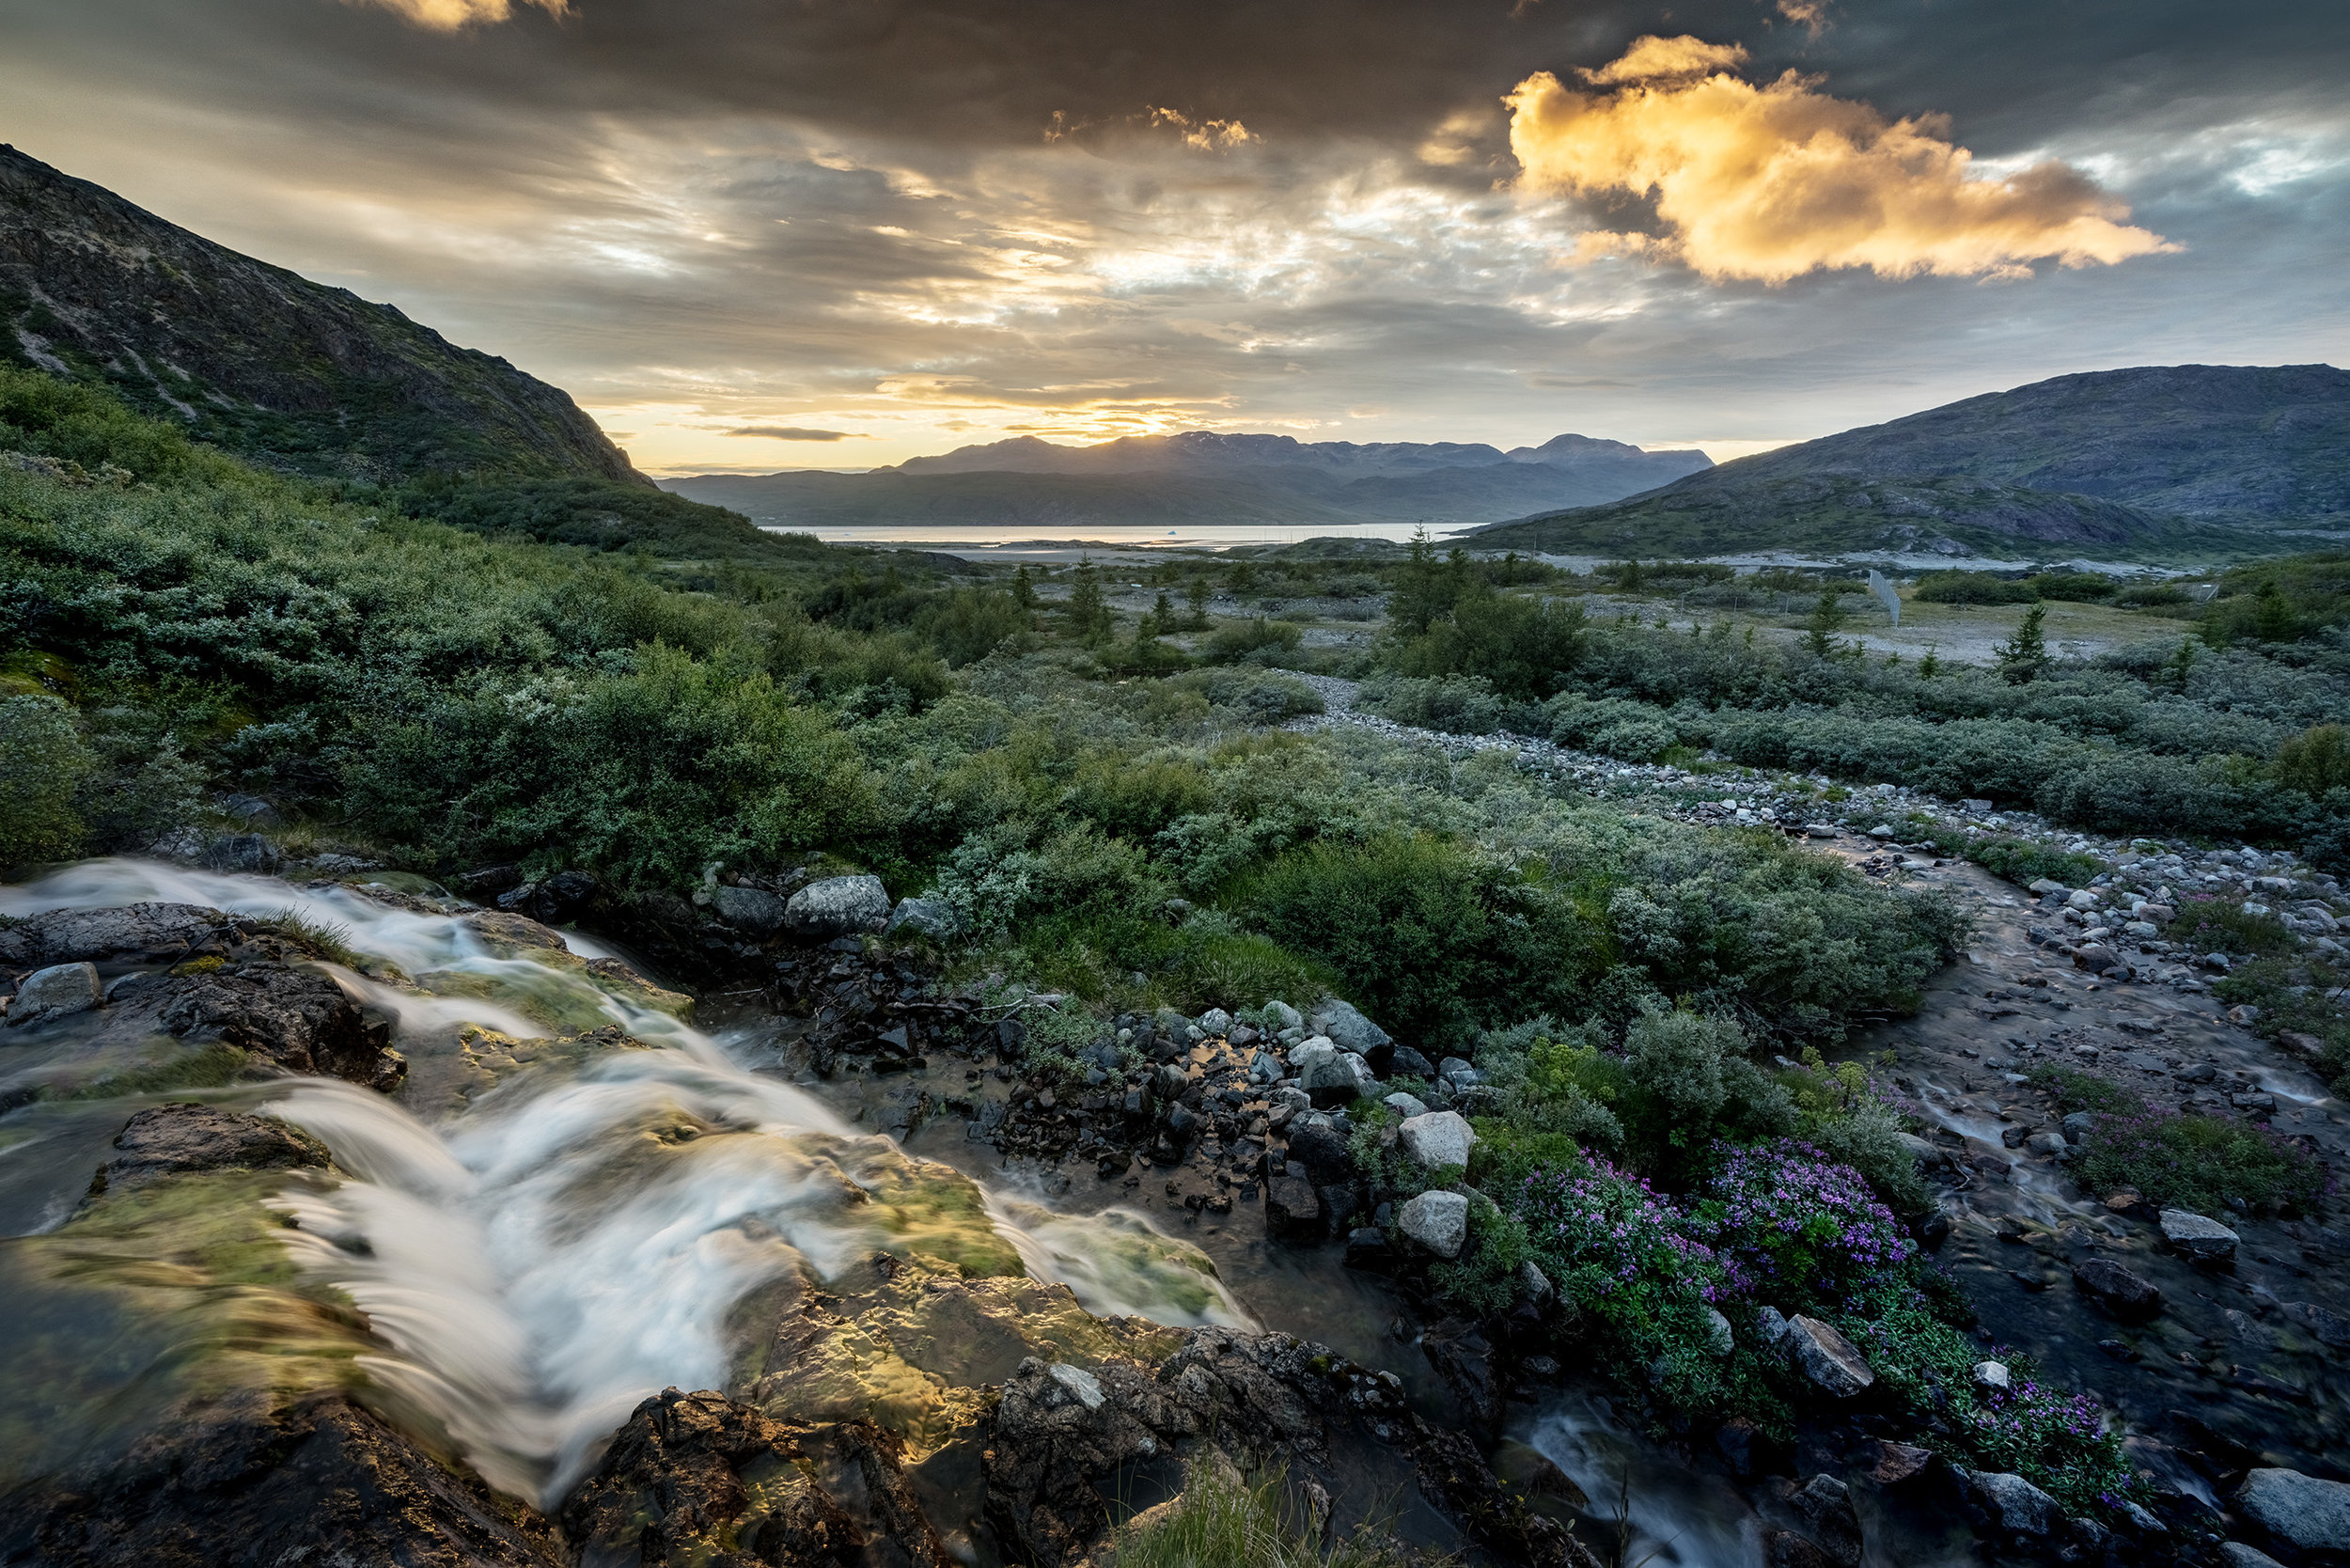 Lille vandfald som ligger kun fem minutters gang fra vandrehjemmet.